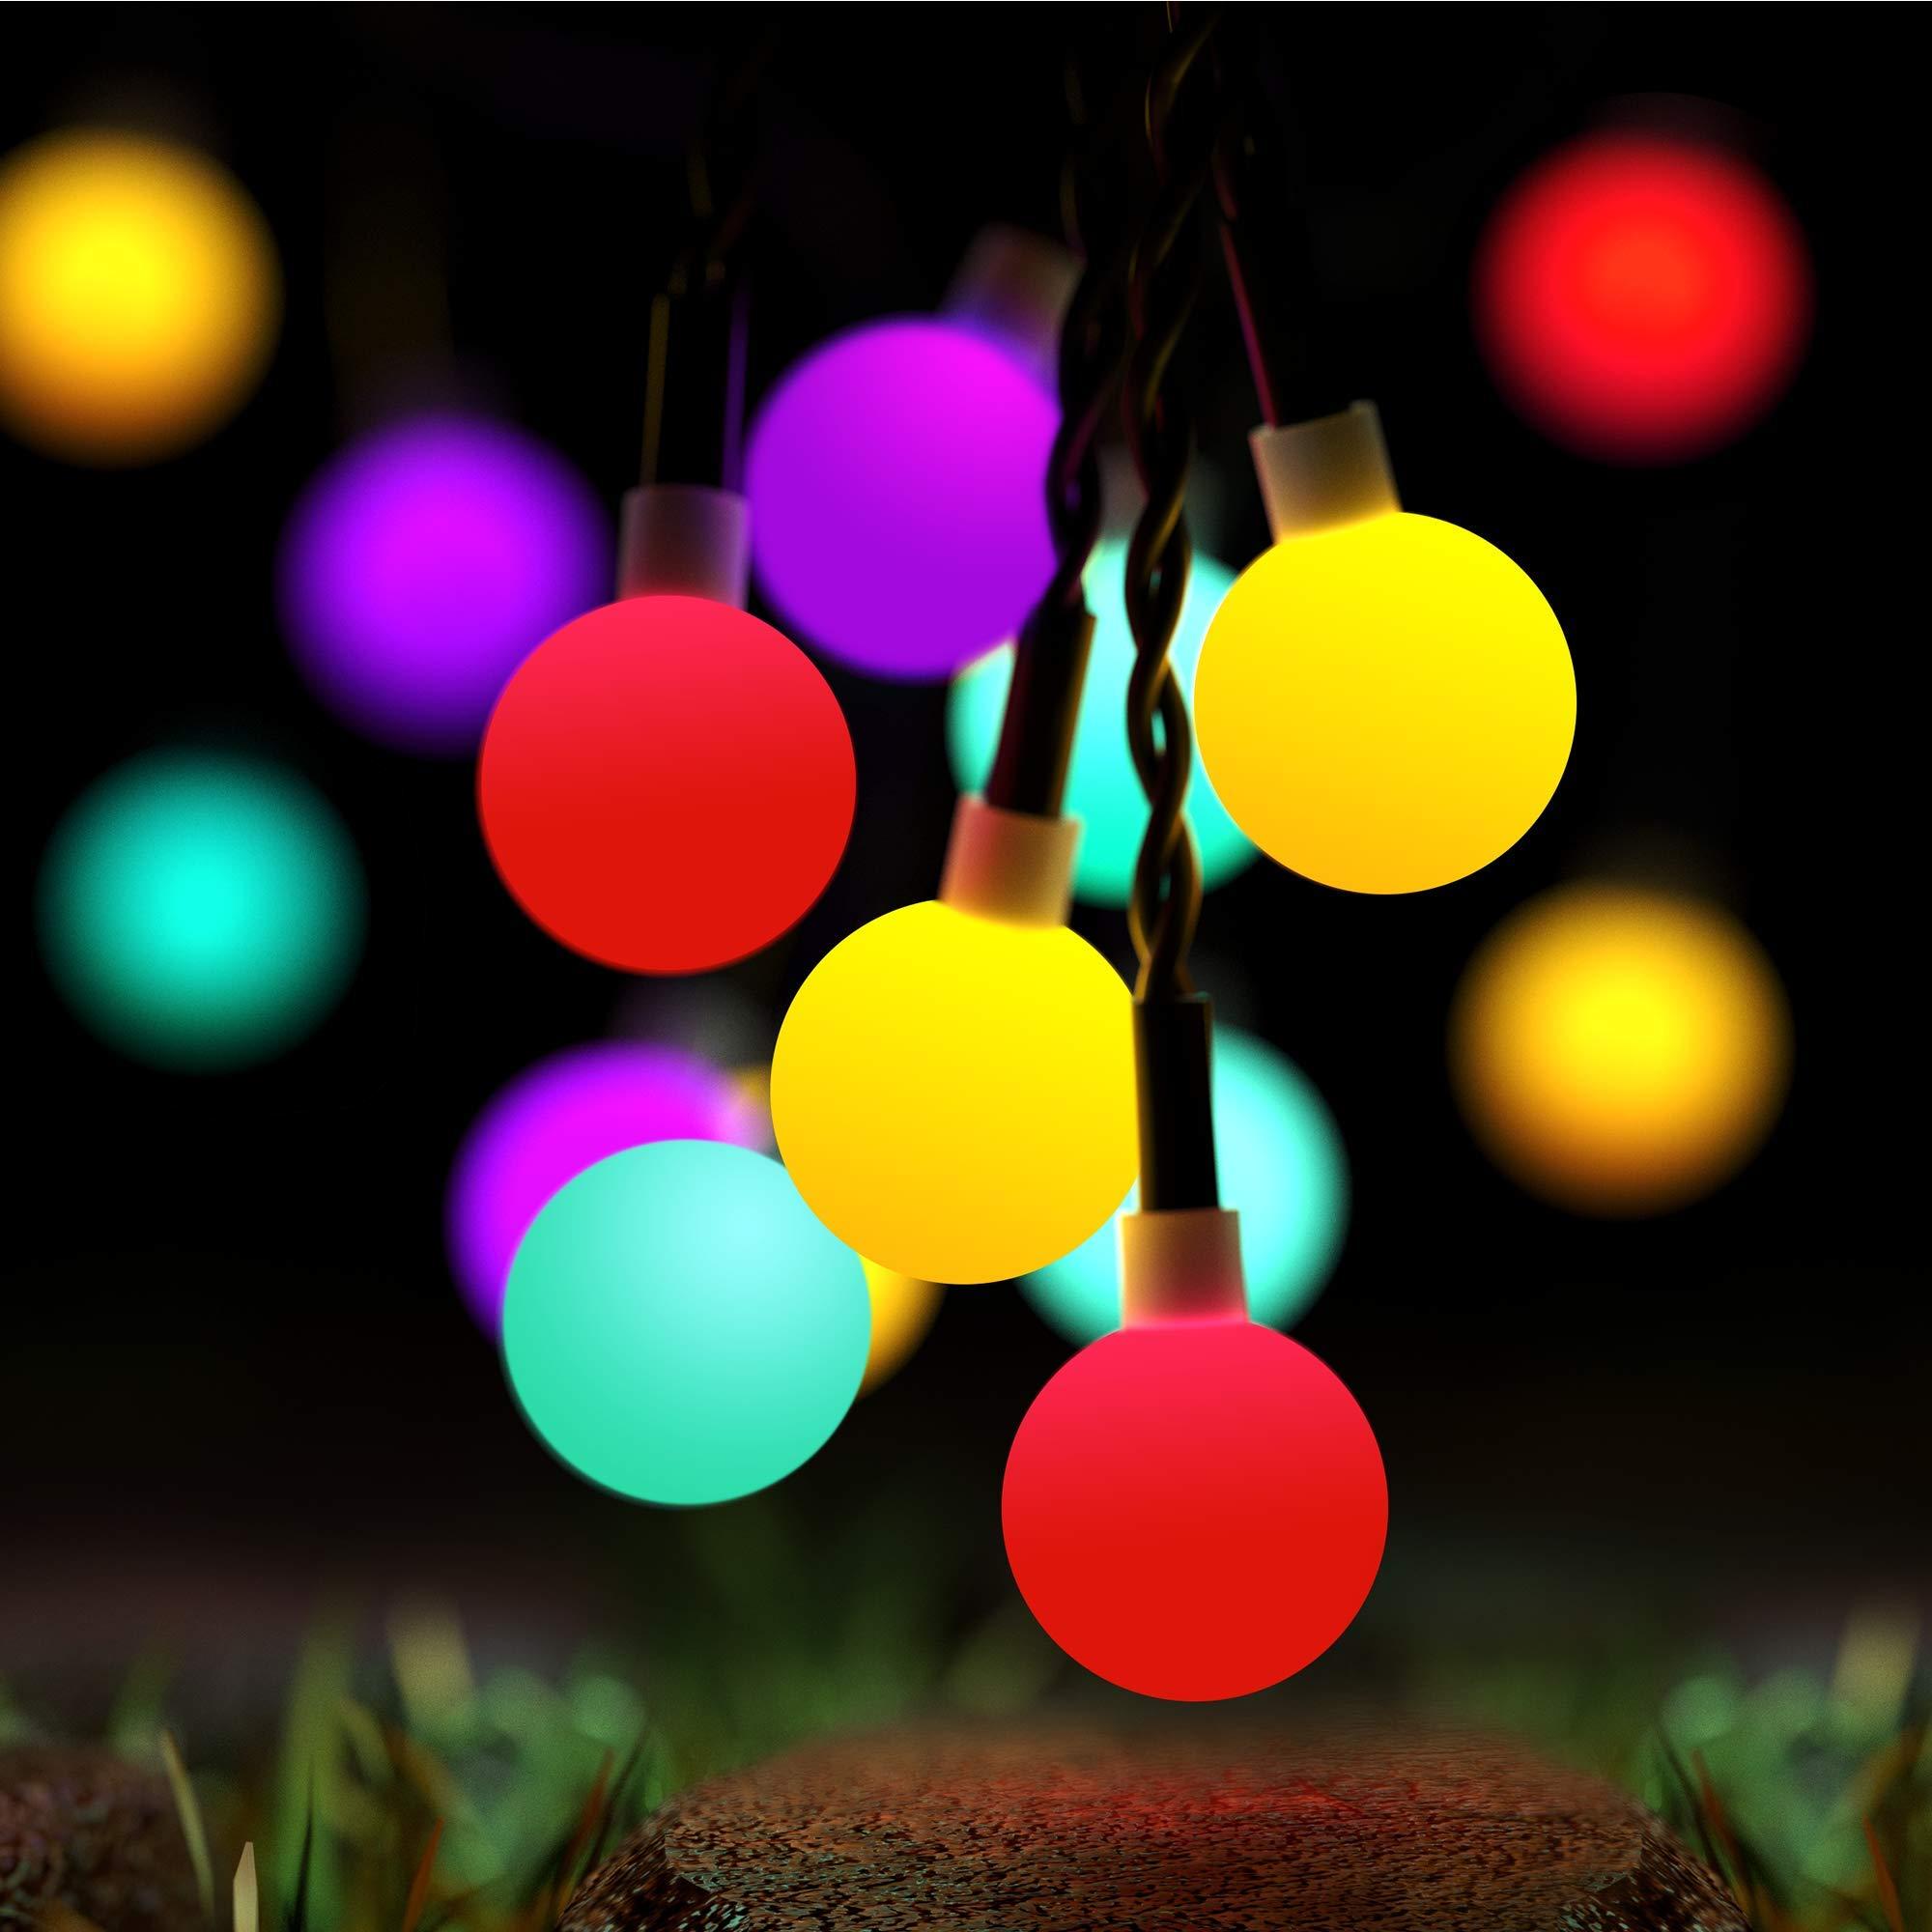 60 LED 10M Cadena Solar de Luces, IP65 Impermeable 8 Modos Luces Decorativas, Guirnalda Luces Exterior Luminosas para Exterior,Interior, Jardines, Casas, Boda, Fiesta de Navidad (multicolor): Amazon.es: Iluminación